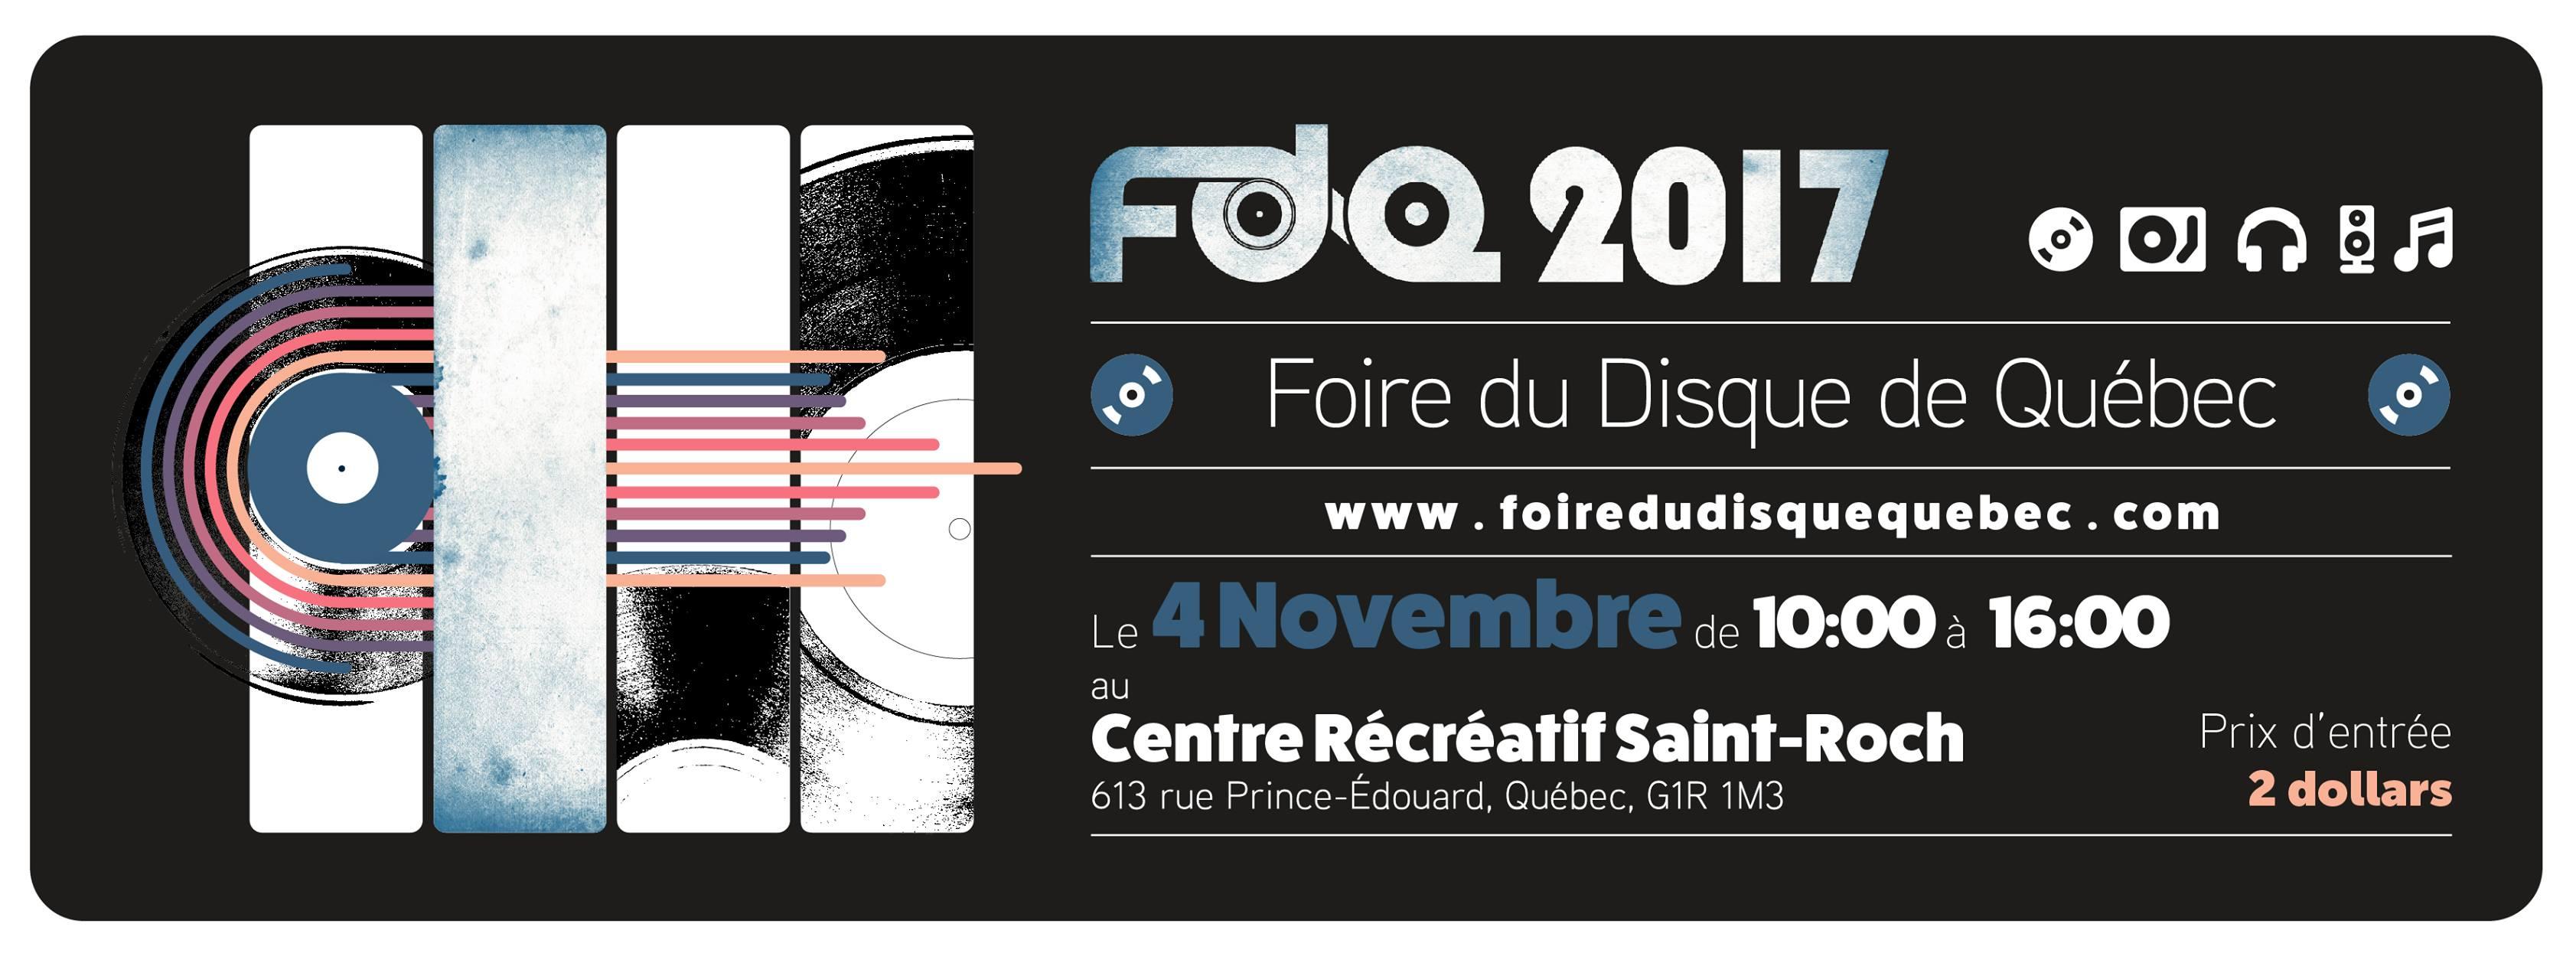 FDQ 2017